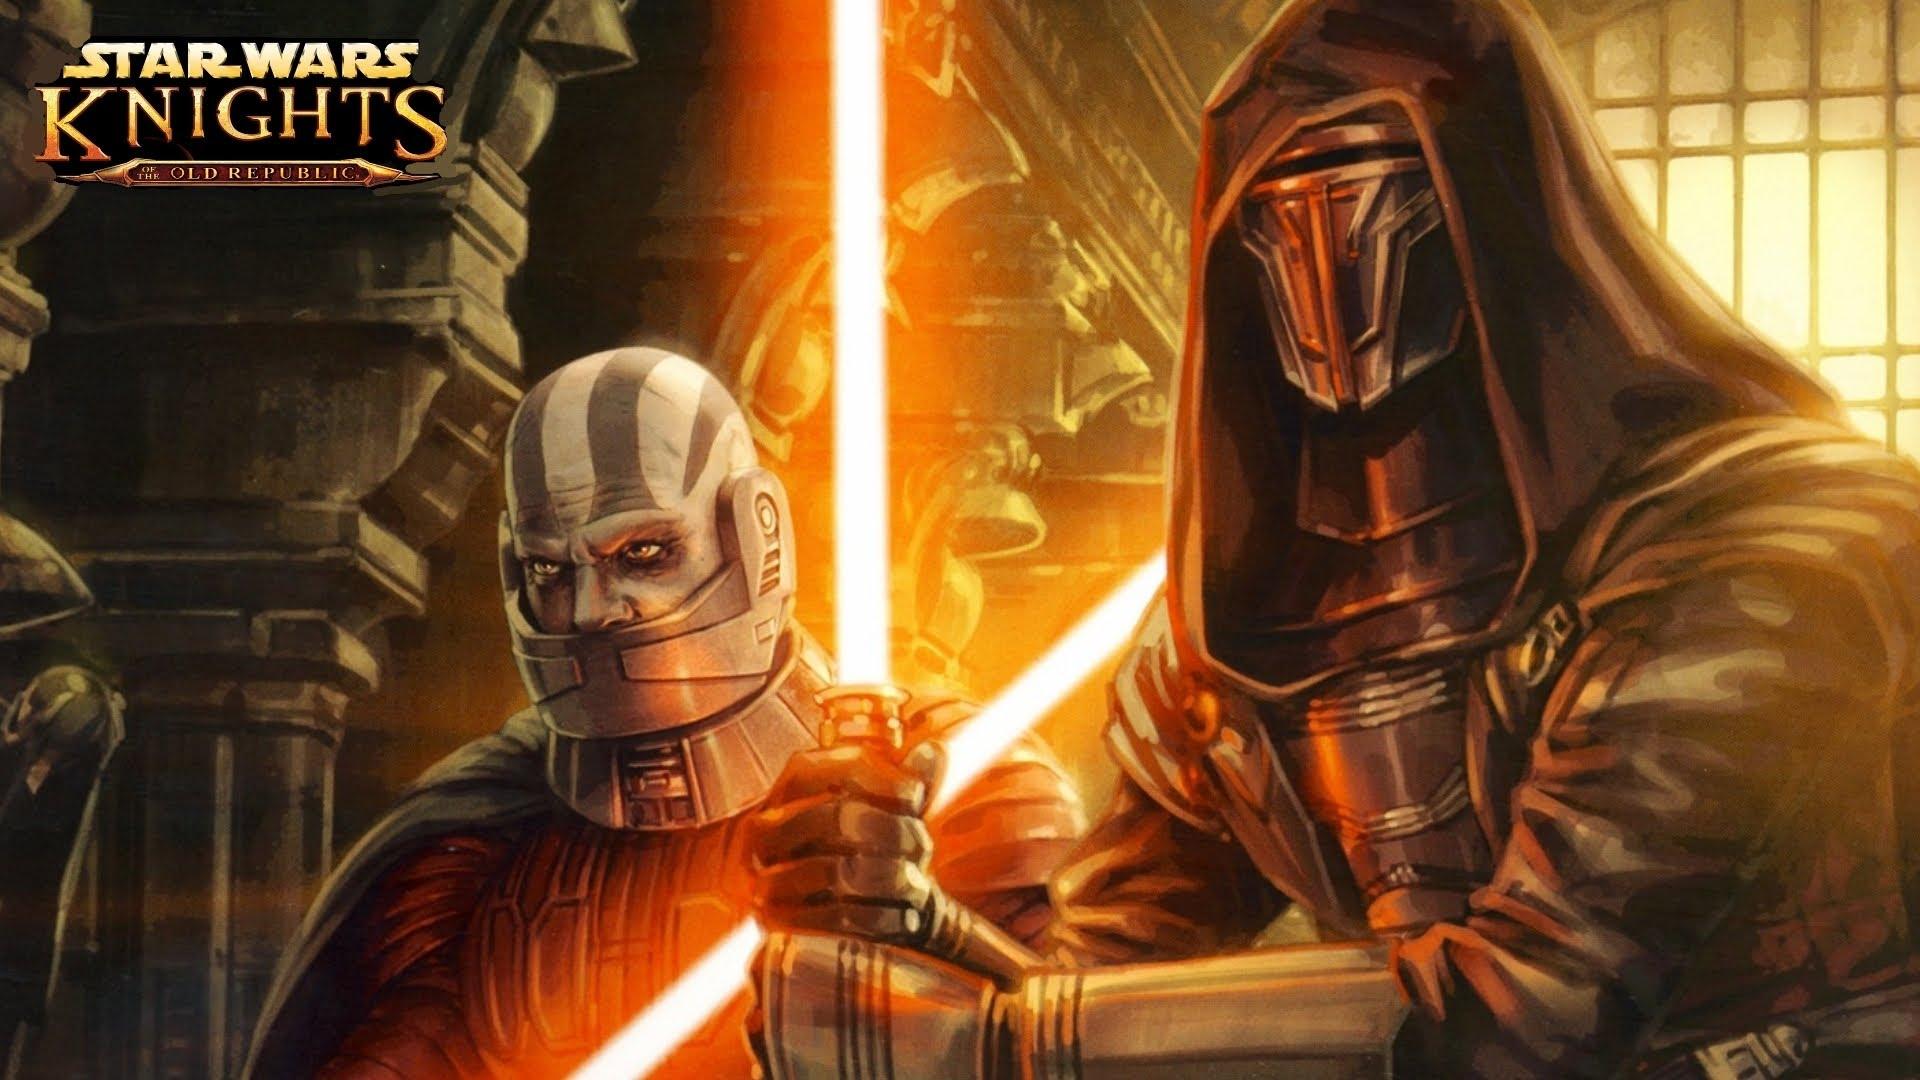 bioware legends vecchia repubblica serie tv 2020 knights of the old republic star wars remake